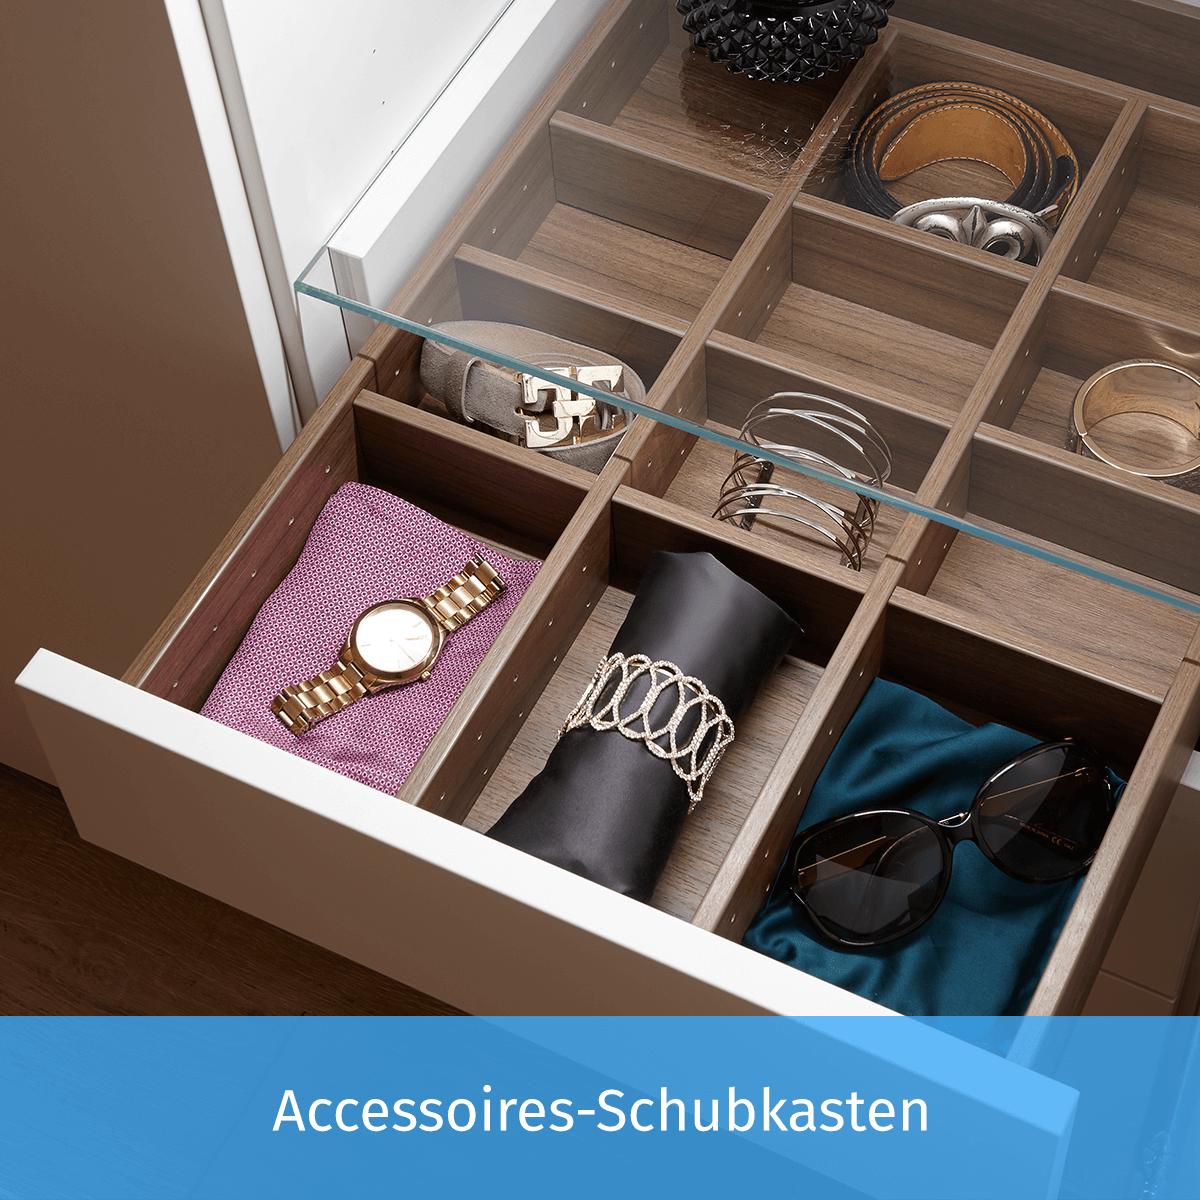 Accessoires-Schubkasten